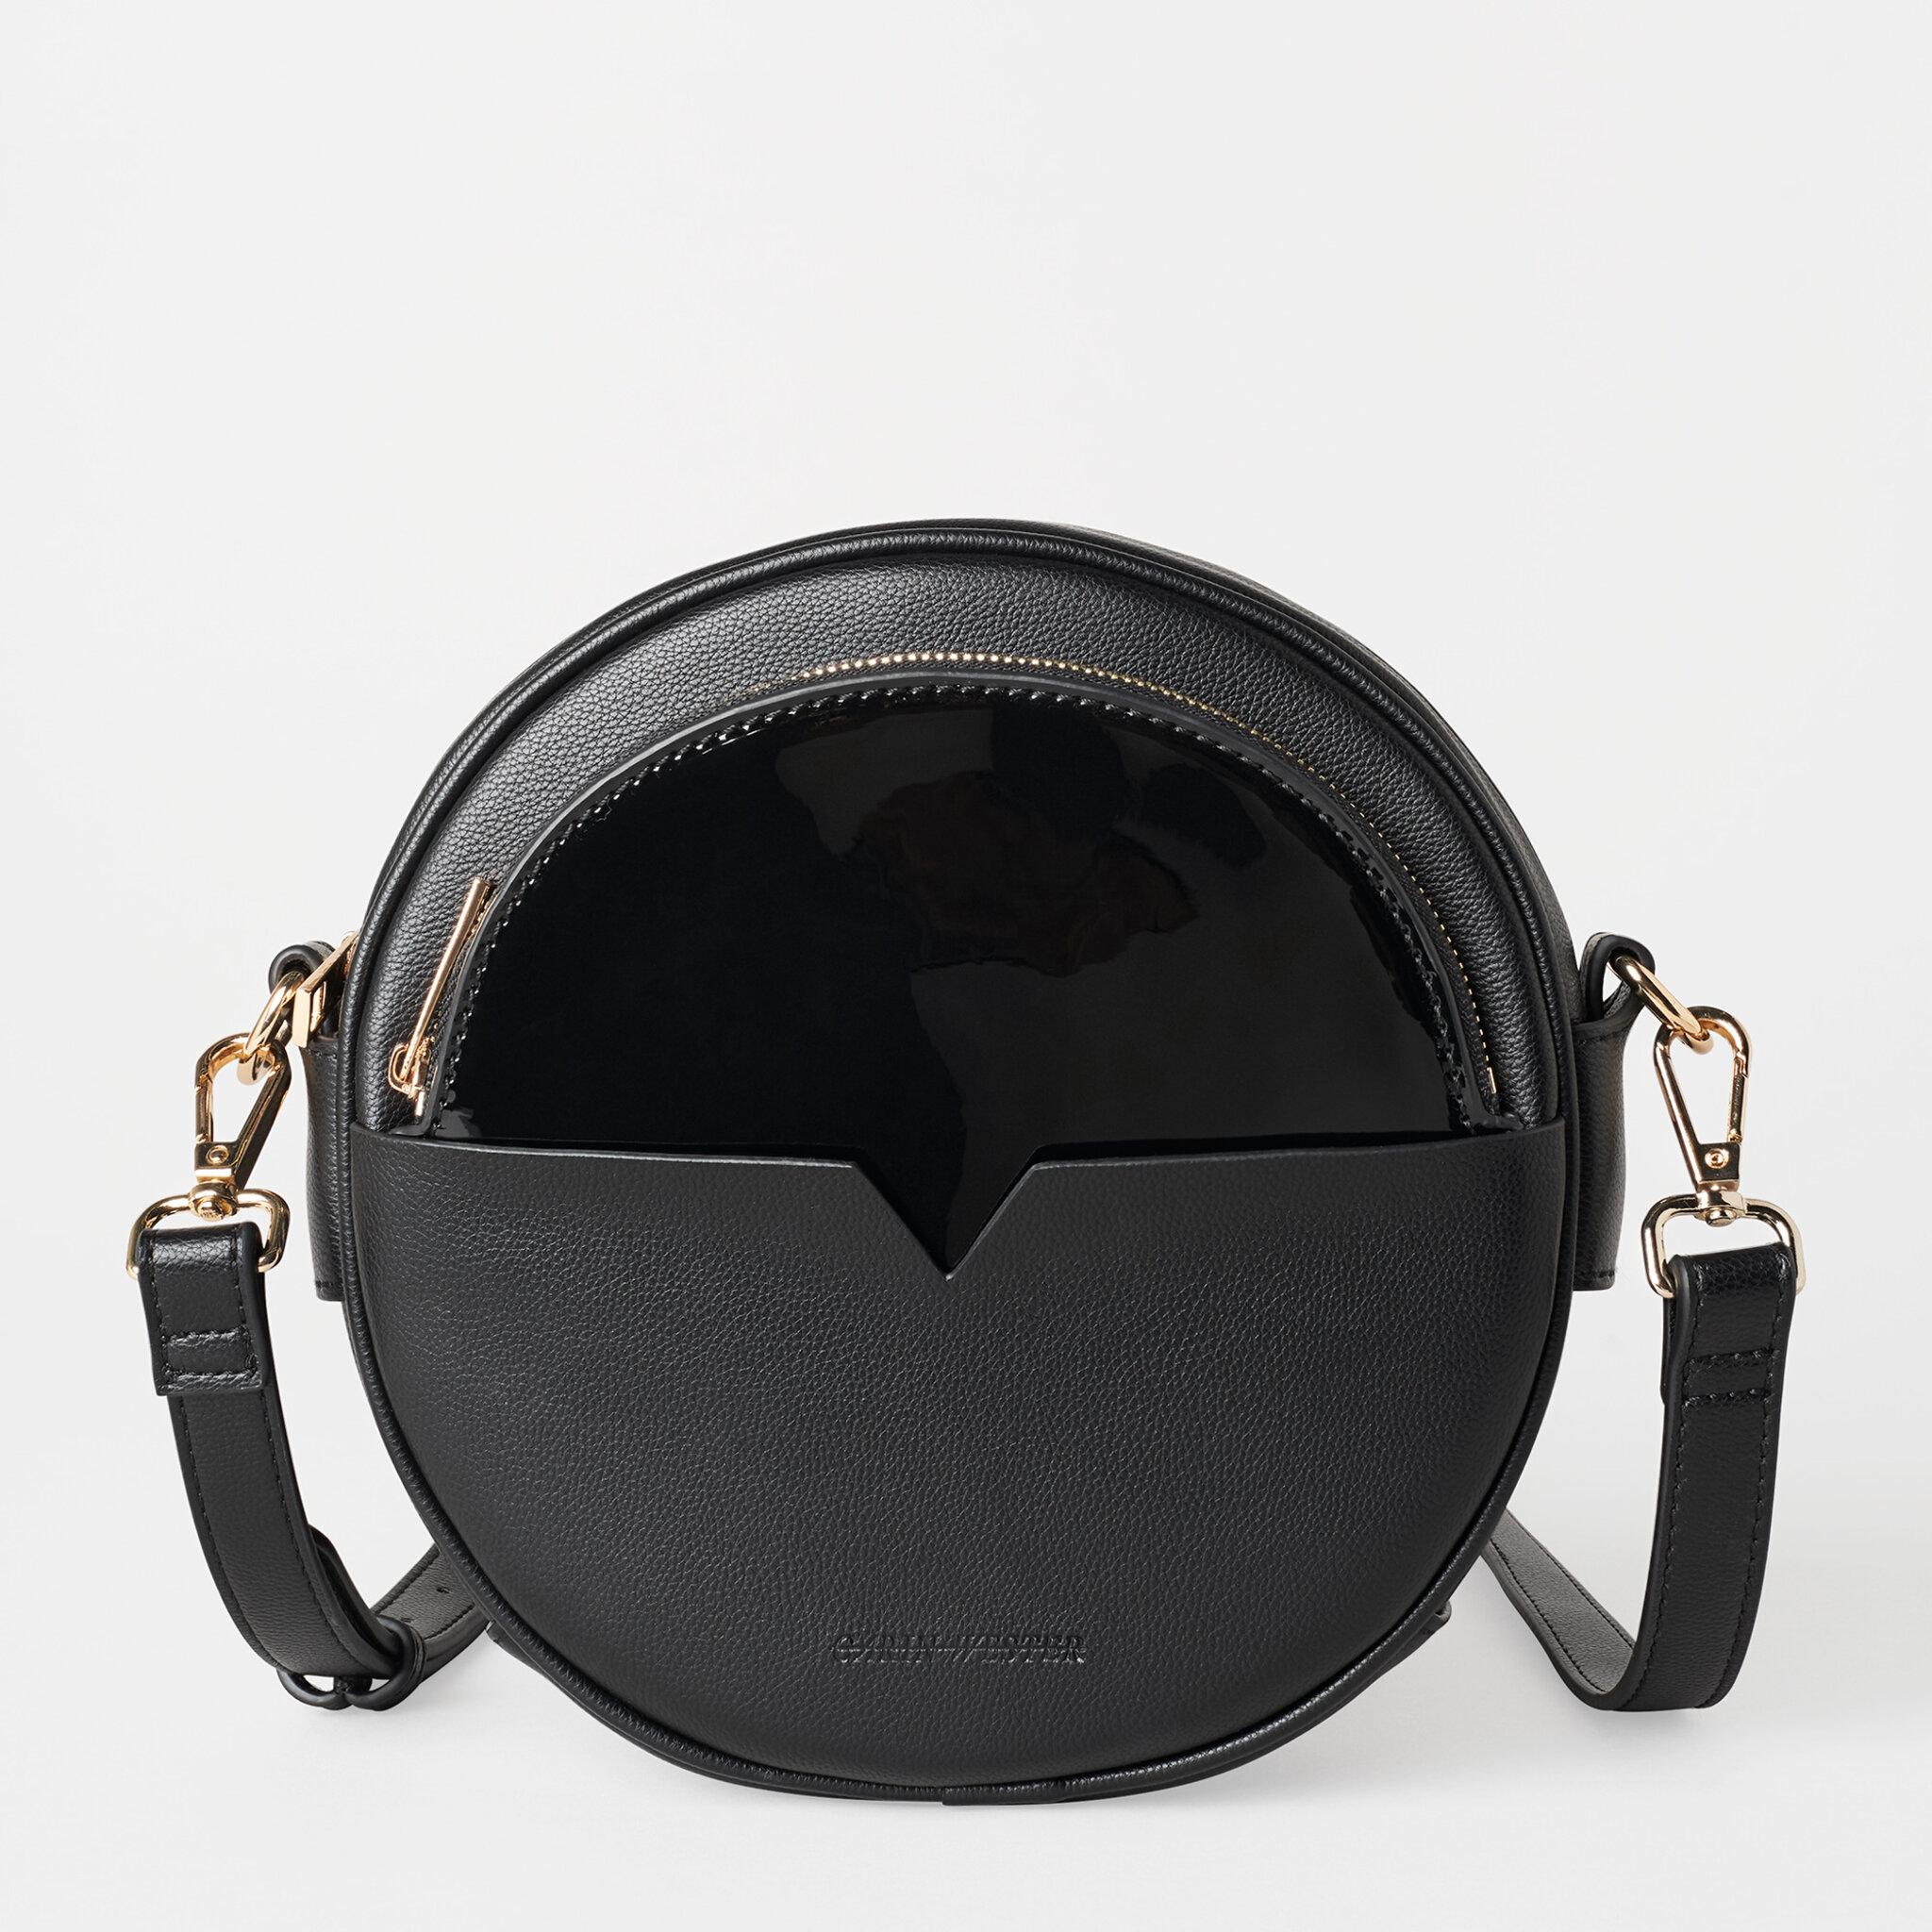 Handväska – Carin Wester